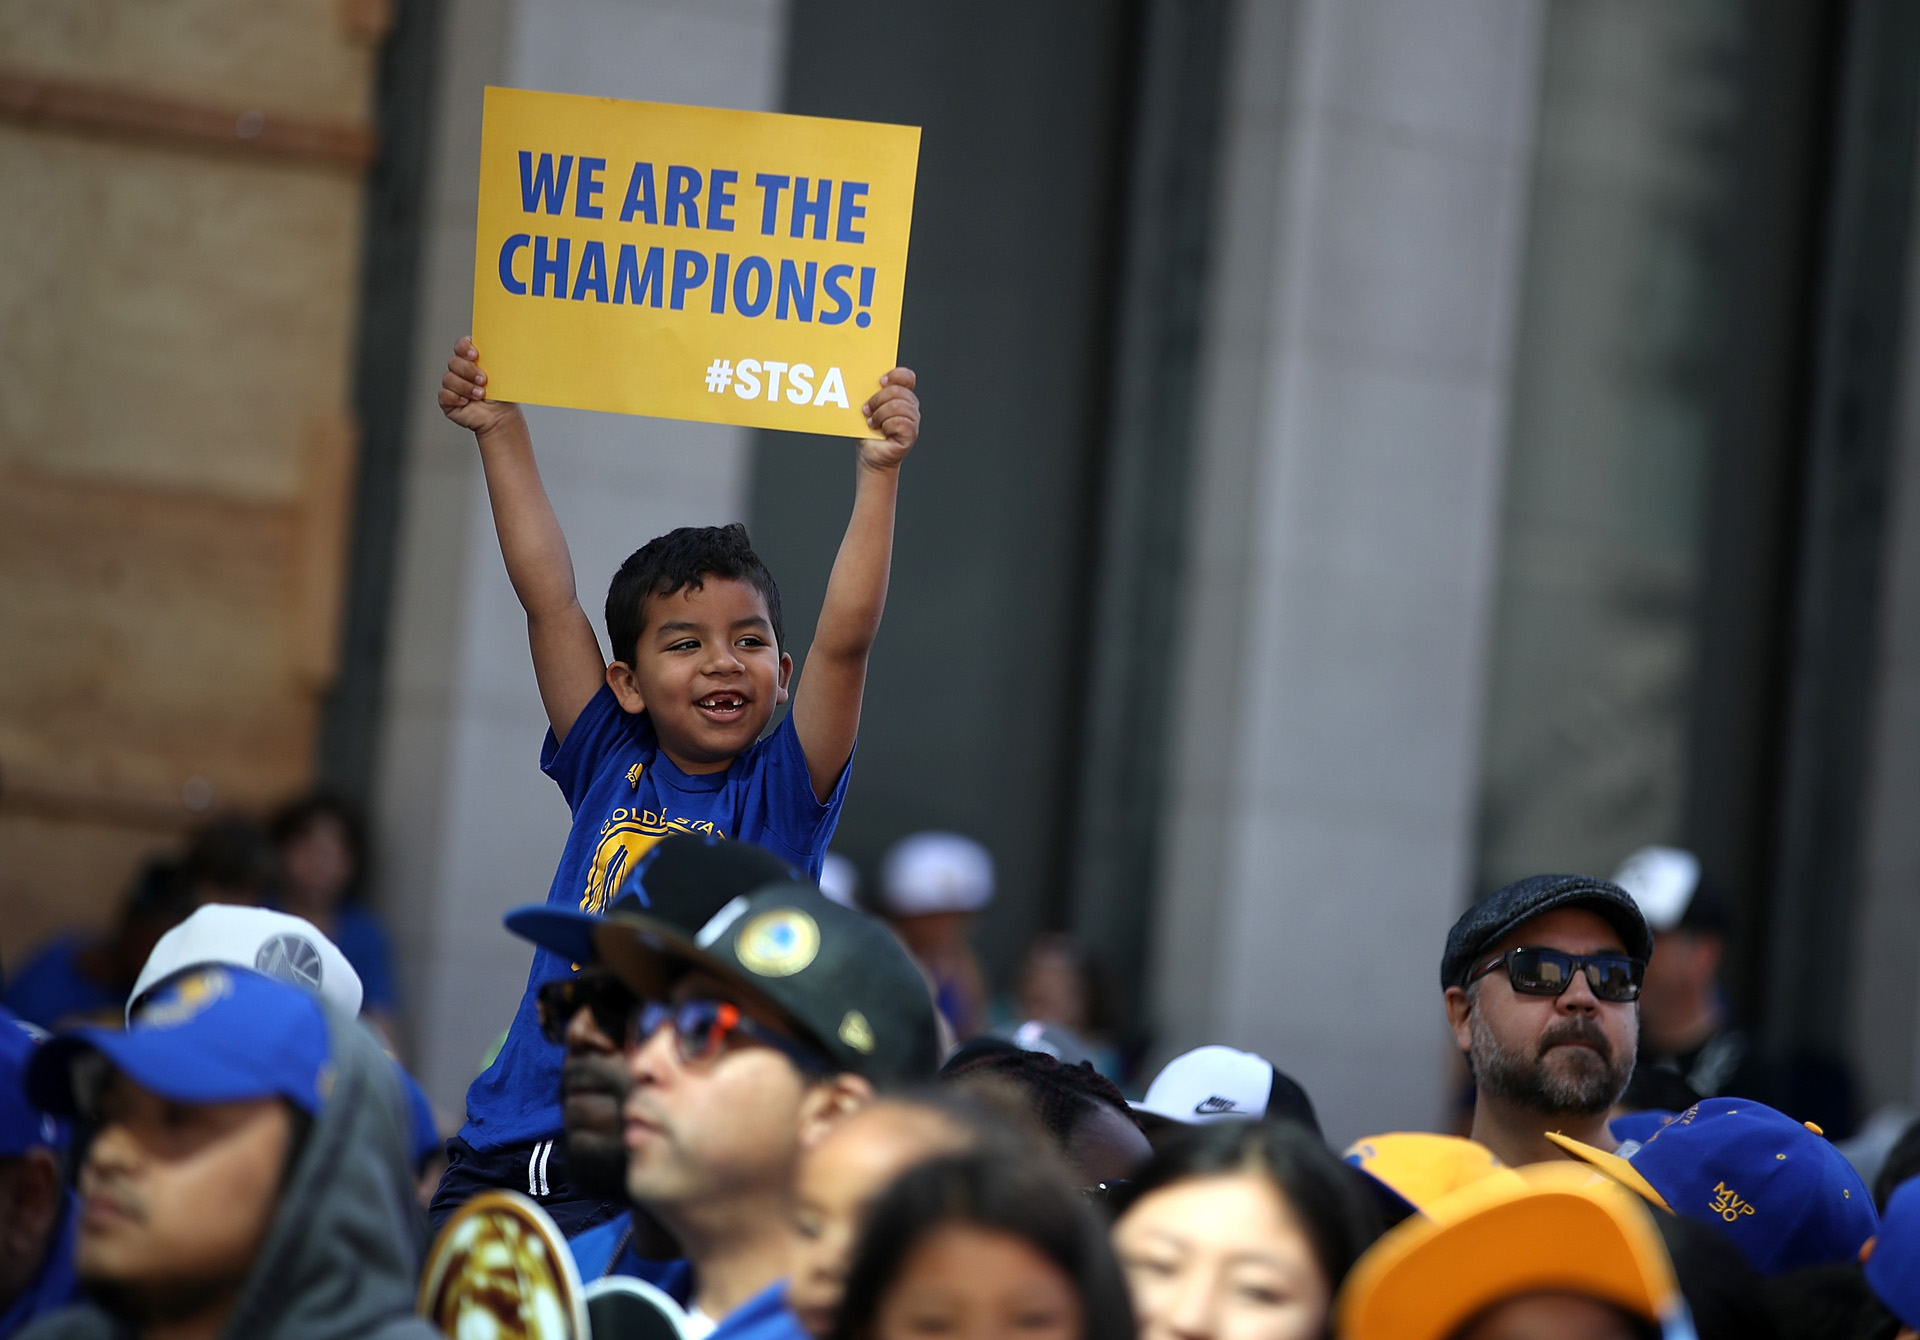 Cerca de 1 millón de personas se acercó para celebrar junto a los jugadores